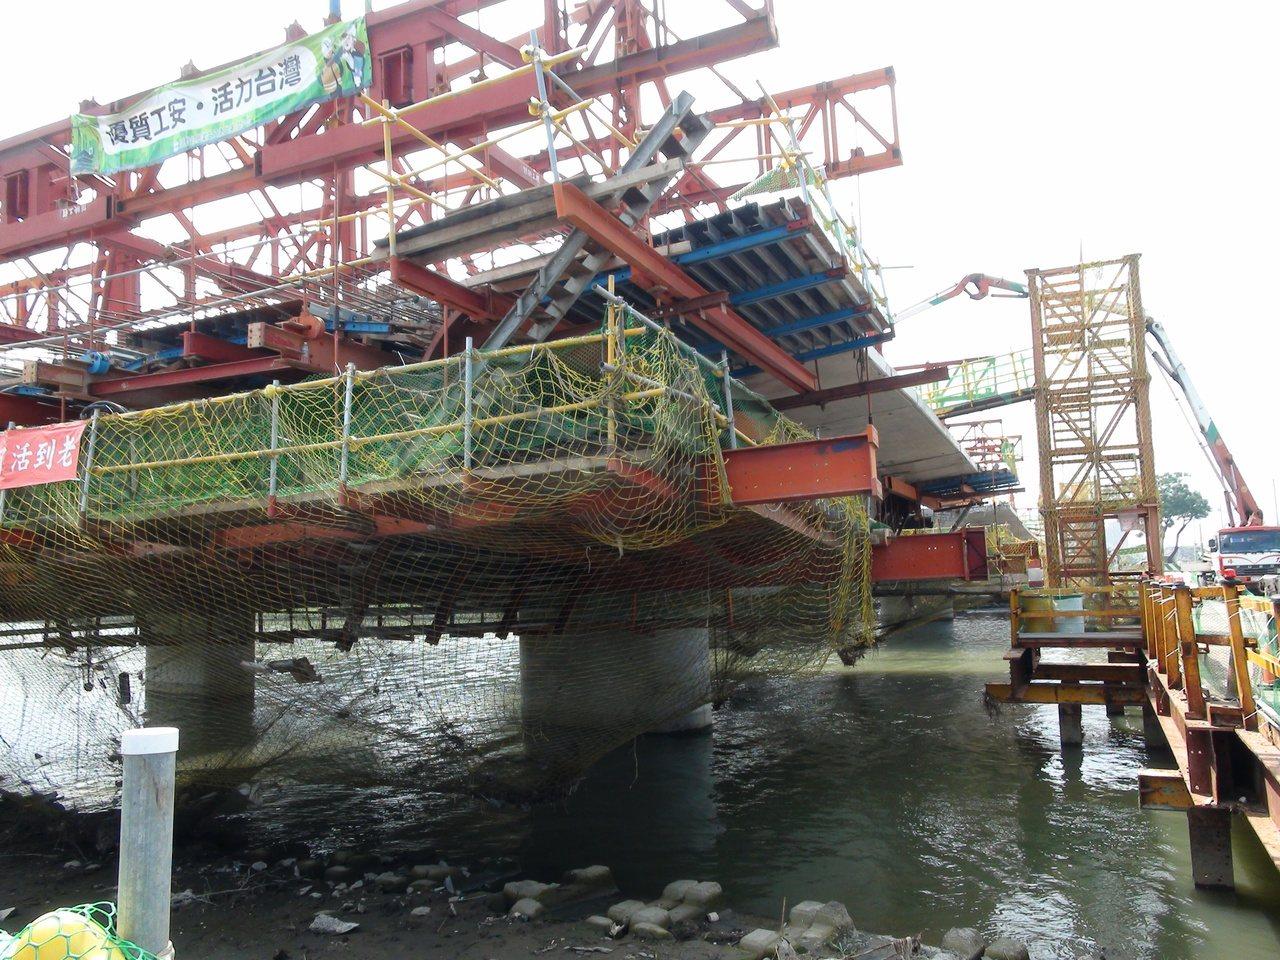 高雄楠梓後勁溪附近的濱海聯外道路開闢工程,首度嘗試在市區使用大底版推進工程,這種...